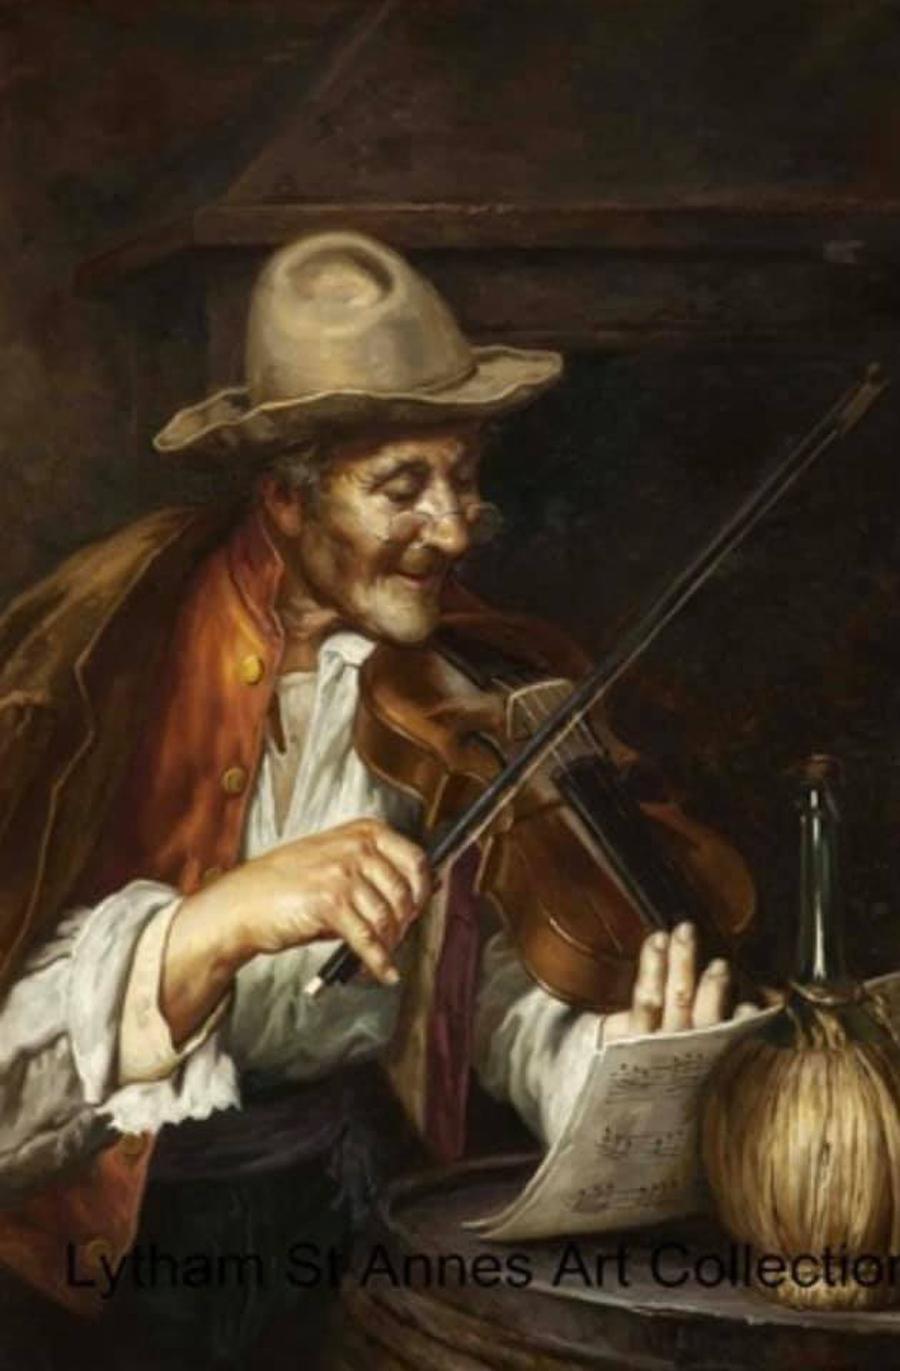 An Italian Fiddler, an oil on canvas painting by D. Farnetti 1896